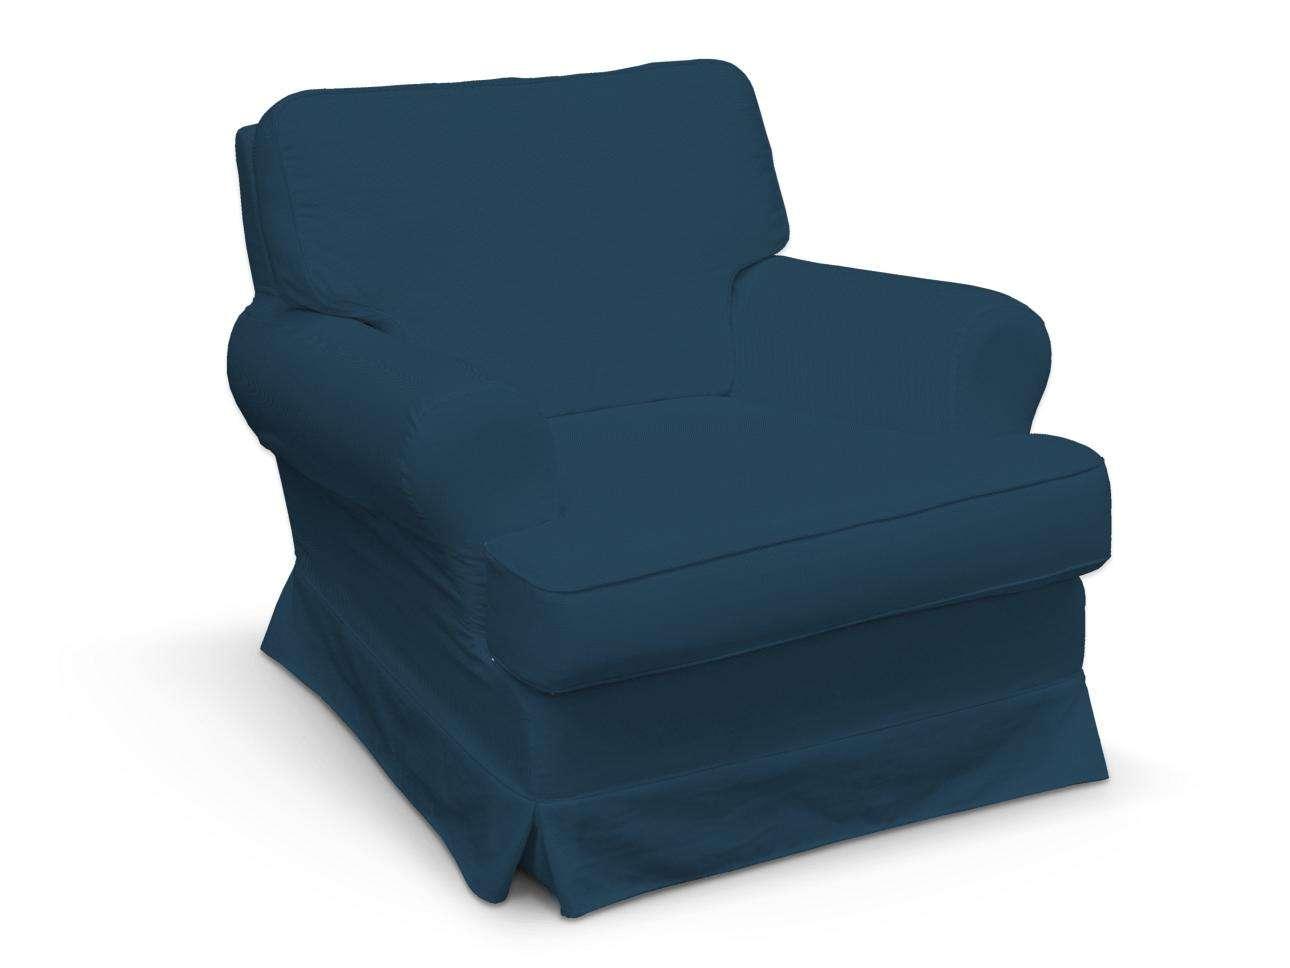 Pokrowiec na fotel Barkaby fotel Barkaby w kolekcji Cotton Panama, tkanina: 702-30